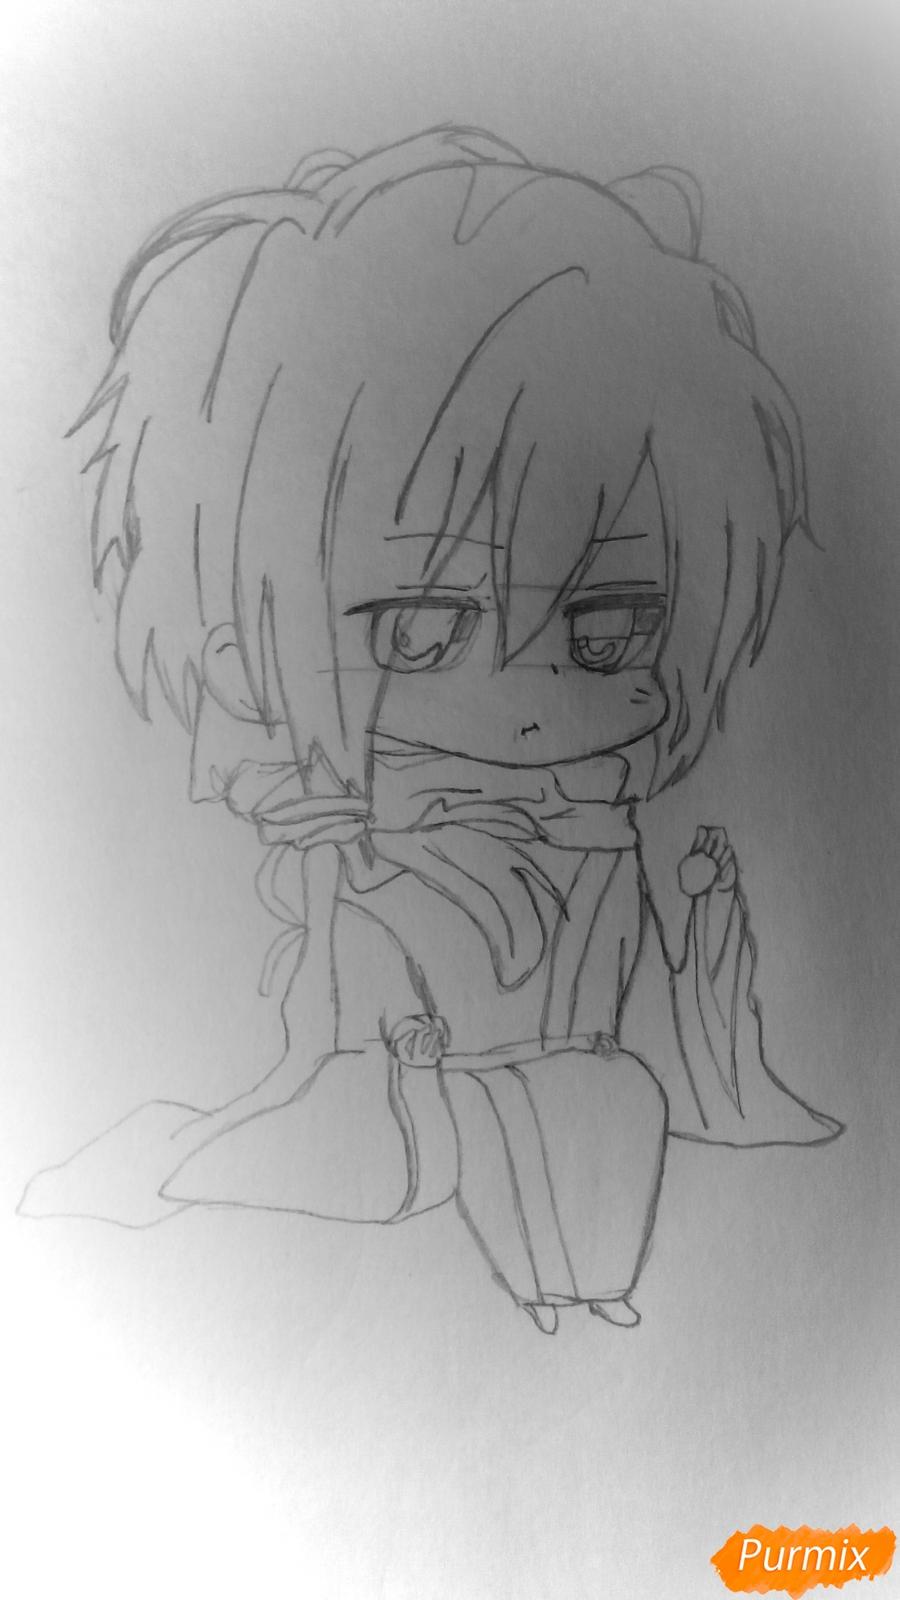 Рисуем чиби Сайто Хаджиме из аниме Сказание о демонах сакуры - шаг 5